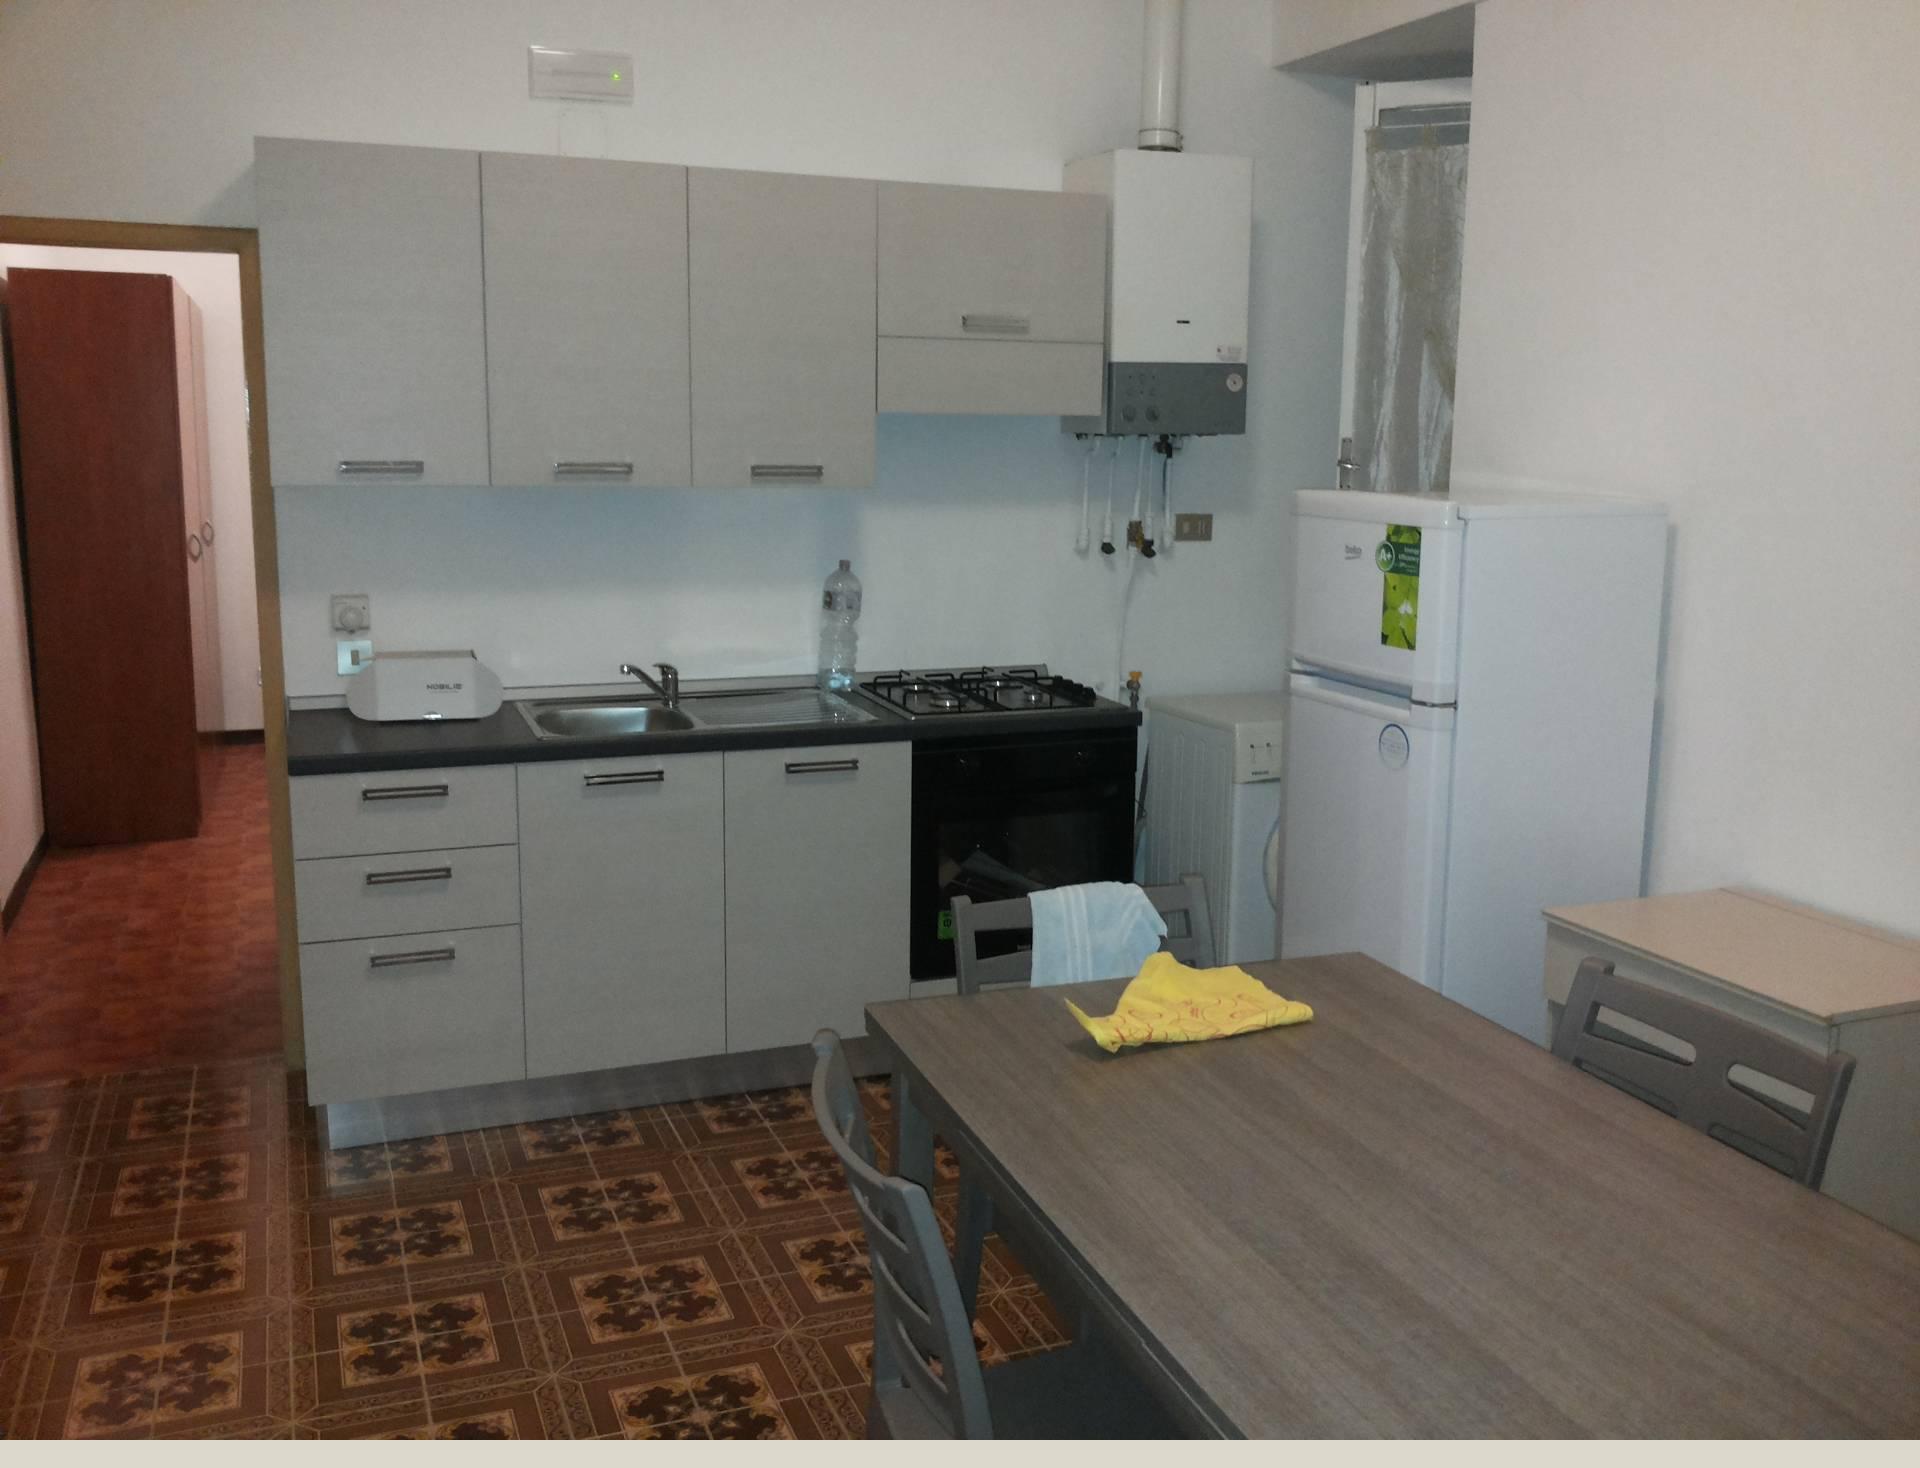 Appartamento in affitto a Macerata, 2 locali, zona Zona: Semicentrale, prezzo € 300 | CambioCasa.it